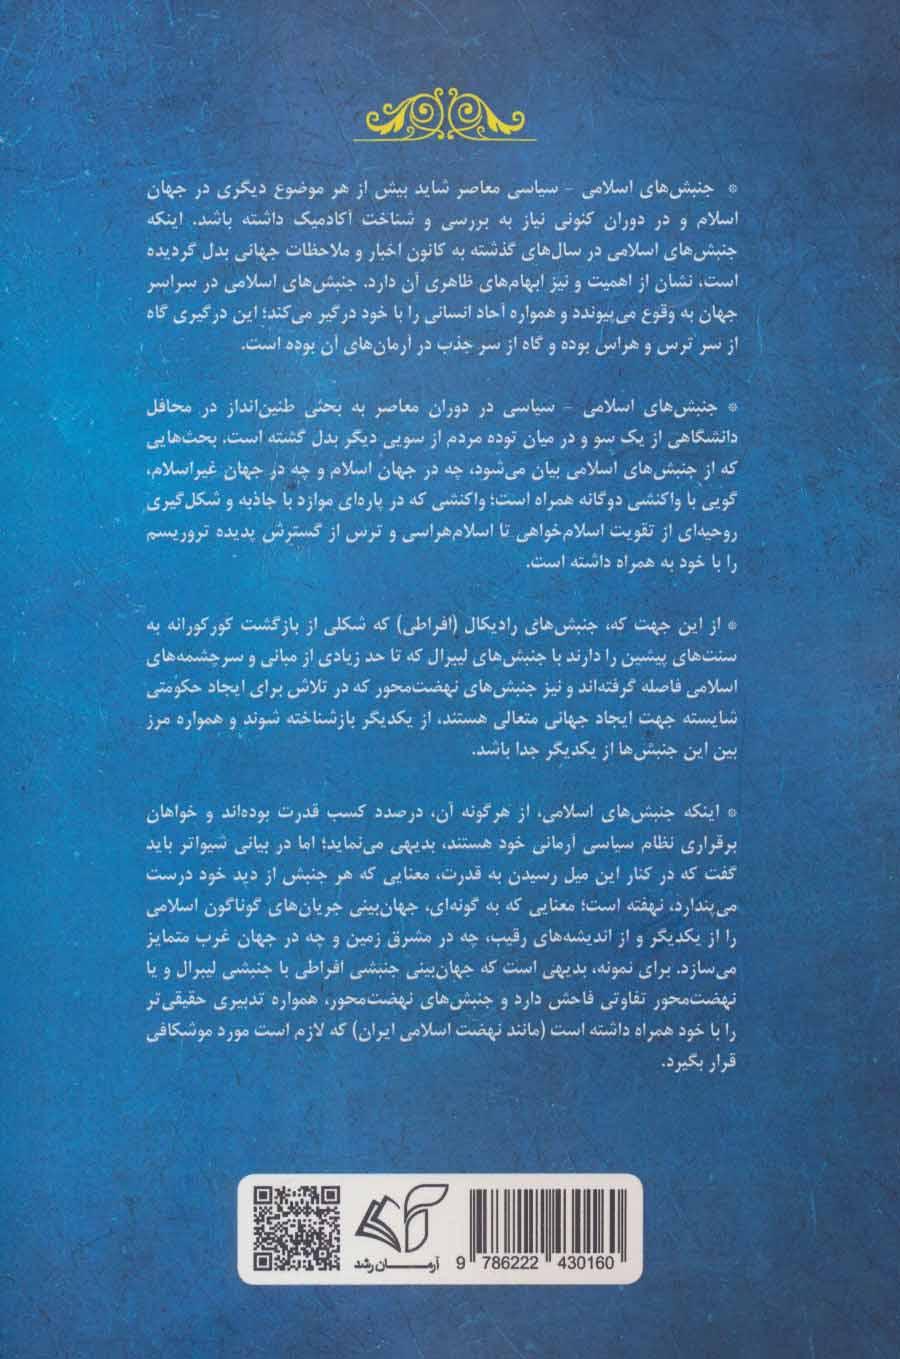 جنبش های اسلامی سیاسی معاصر (با تکیه بر نهضت انقلاب اسلامی)